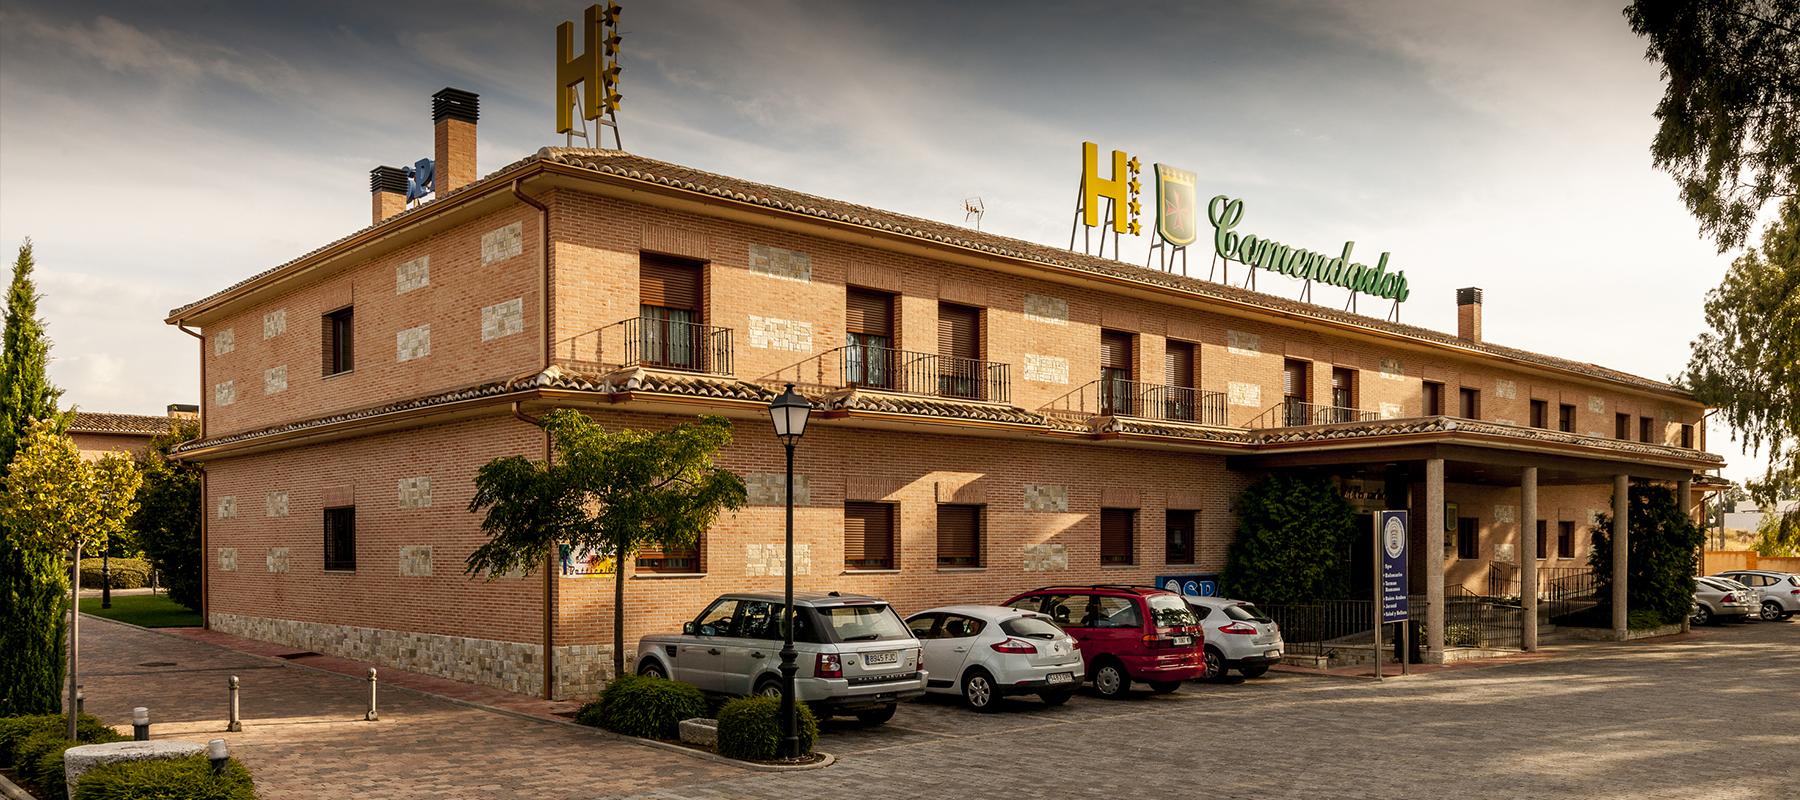 fachadas-hotel-comendador